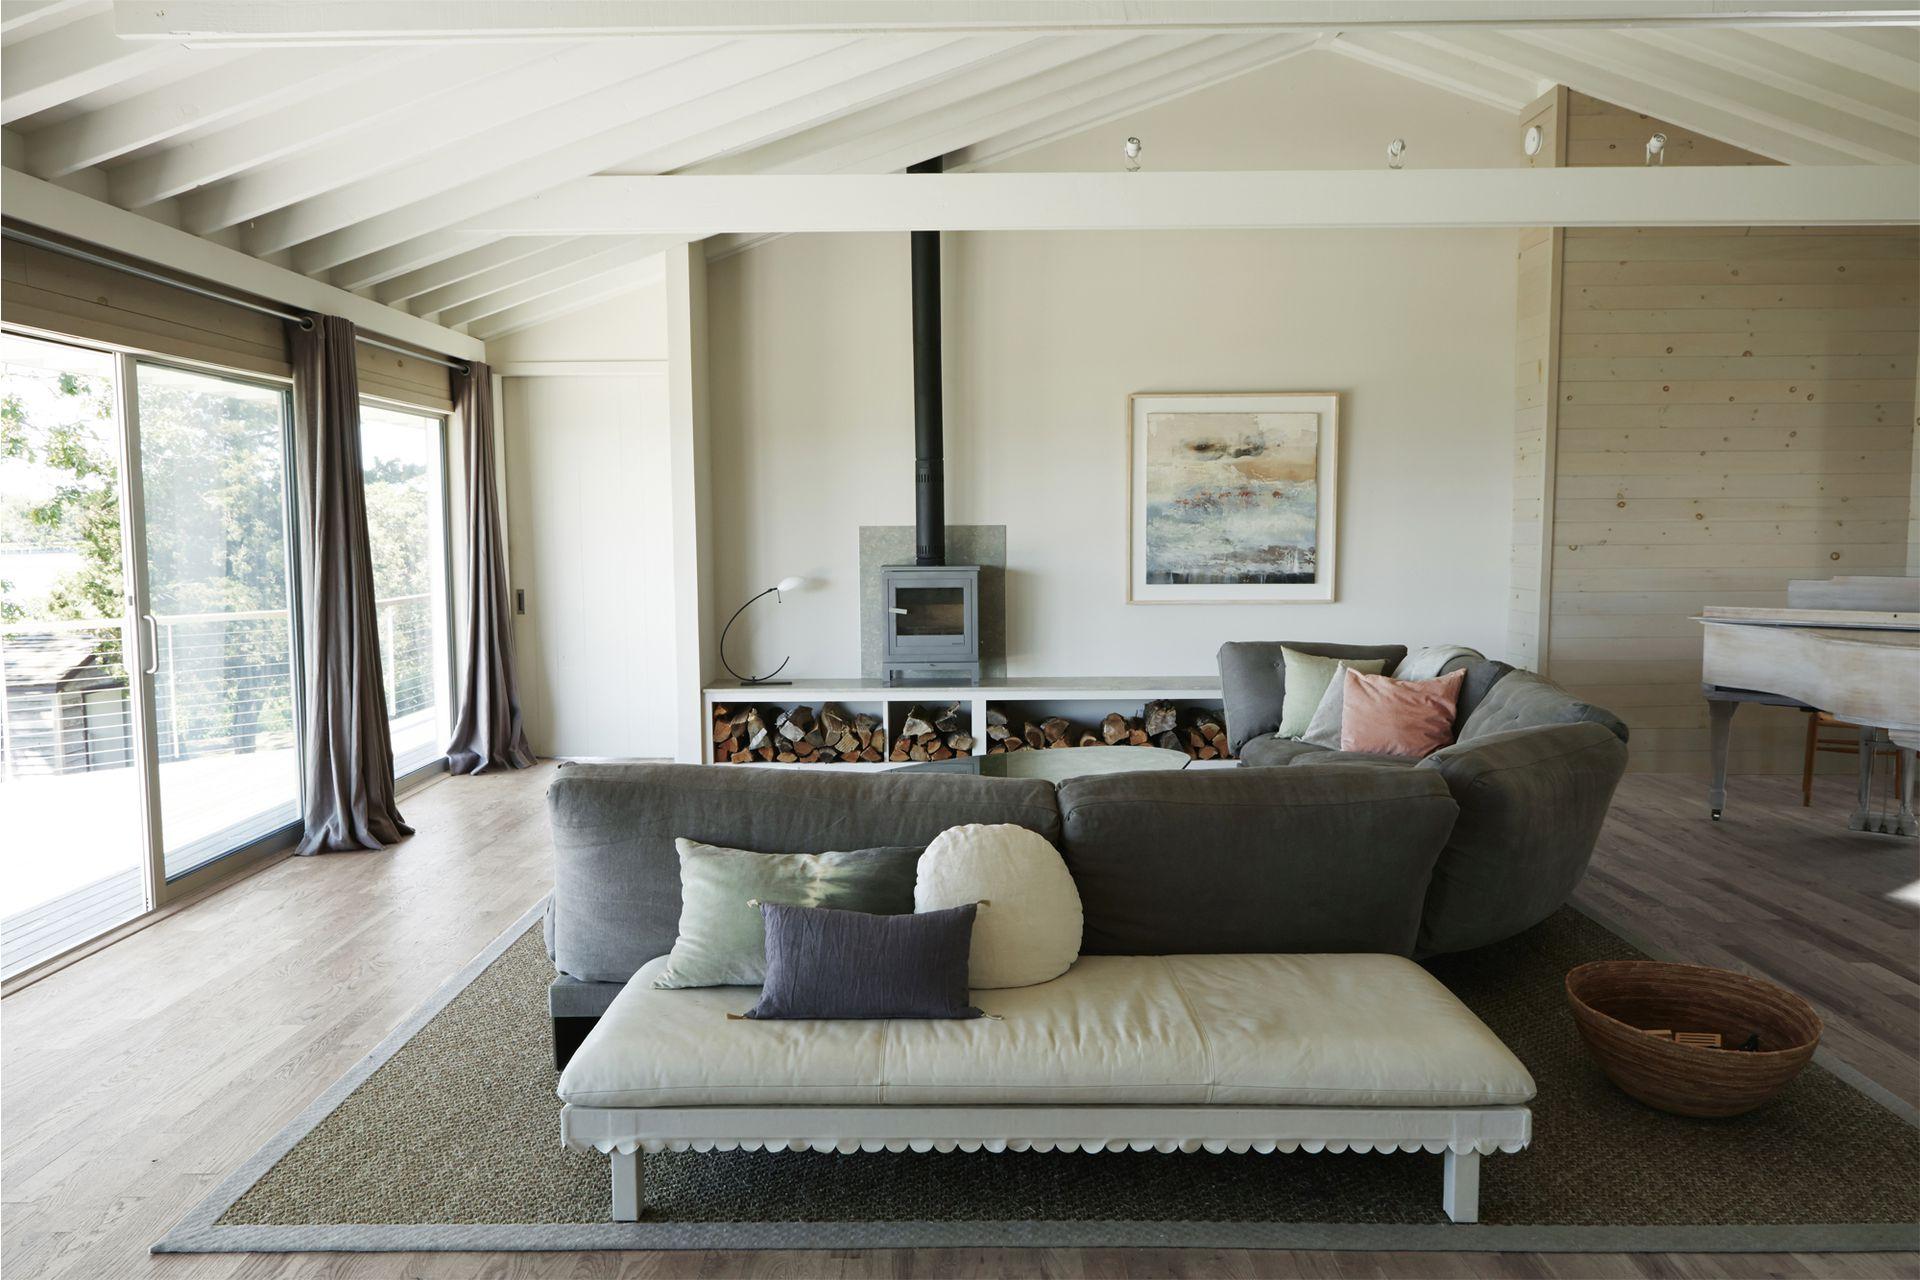 """Alfombra de fibras naturales con bordes de cuero. El sofá 'Eternal Dreamer' (Ochre) define el living y comparte el color de las cortinas. Sobre el mueble y con respaldo de chapa, pequeña salamandra """"de mesa"""" (Chesney's)."""